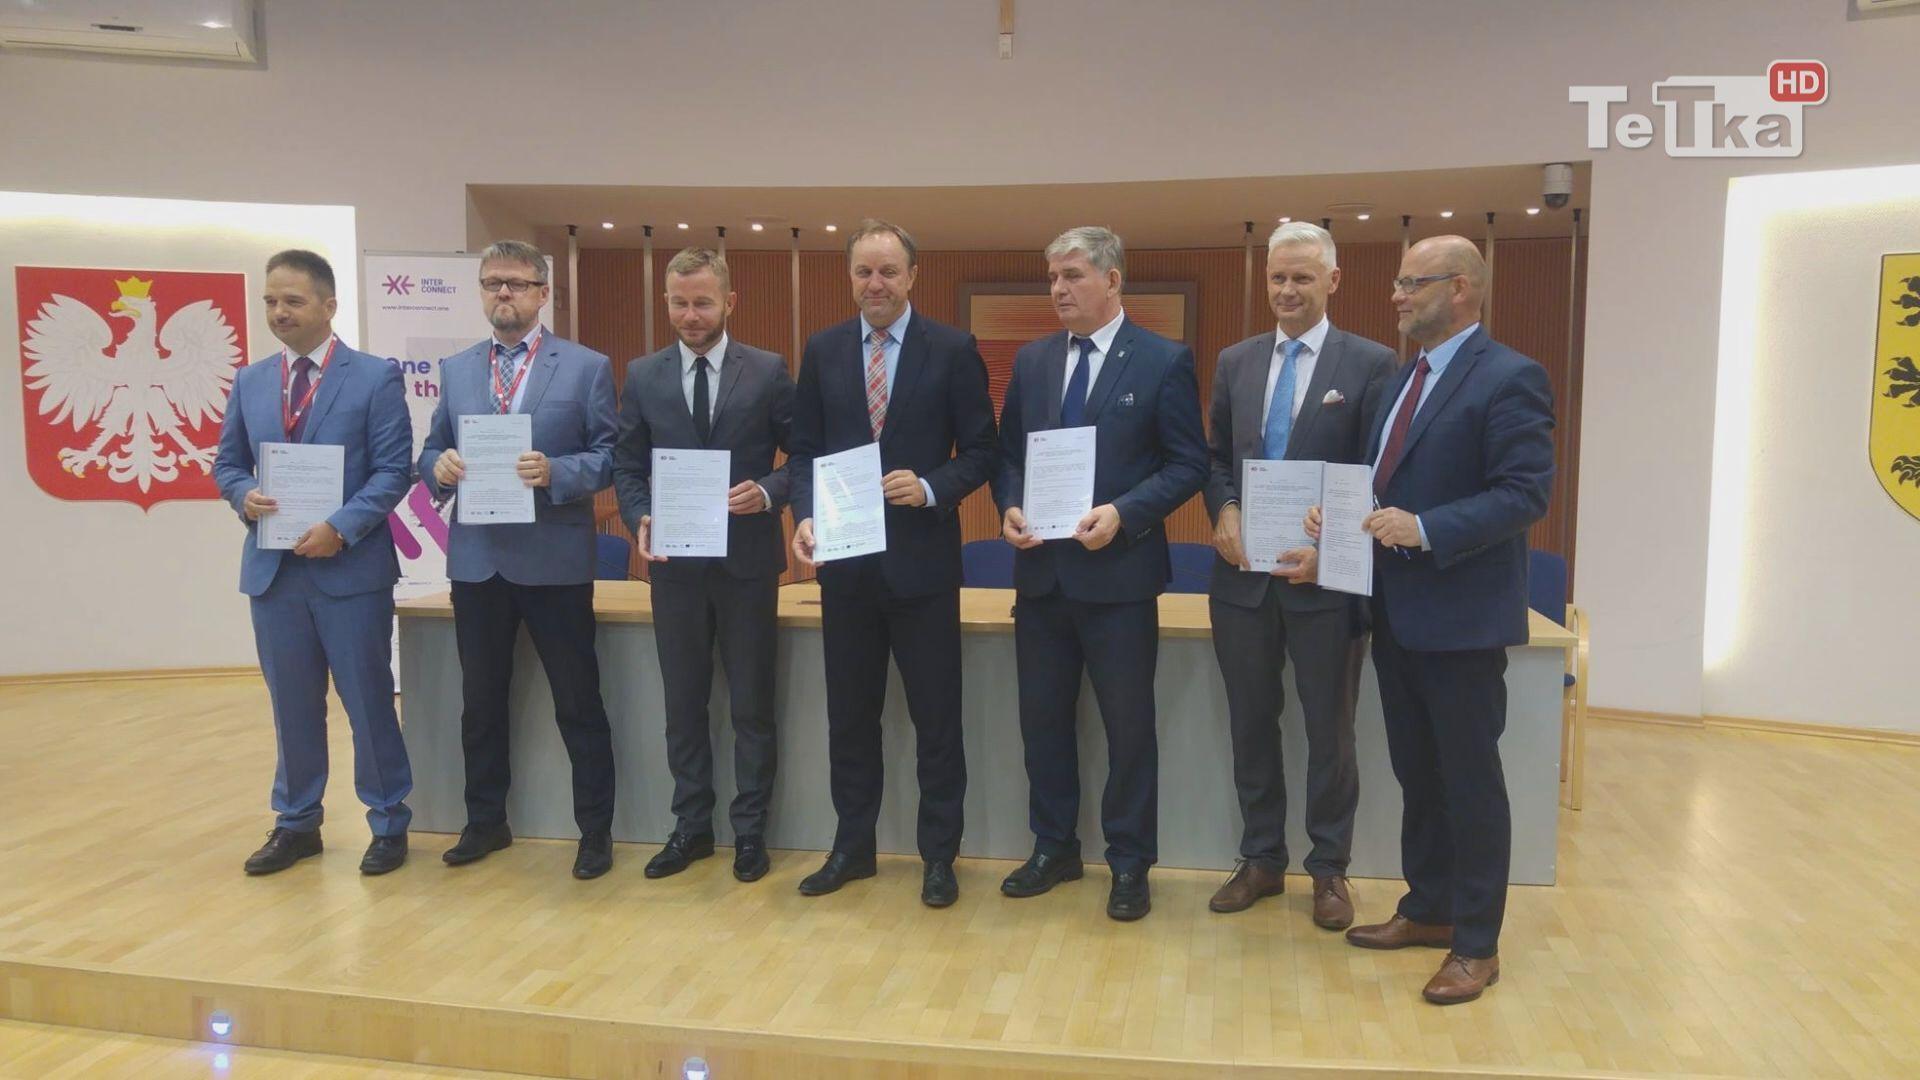 Pięć miast województwa pomorskiego podpisało umowy dotyczące wspólnego biletu dla Pomorza